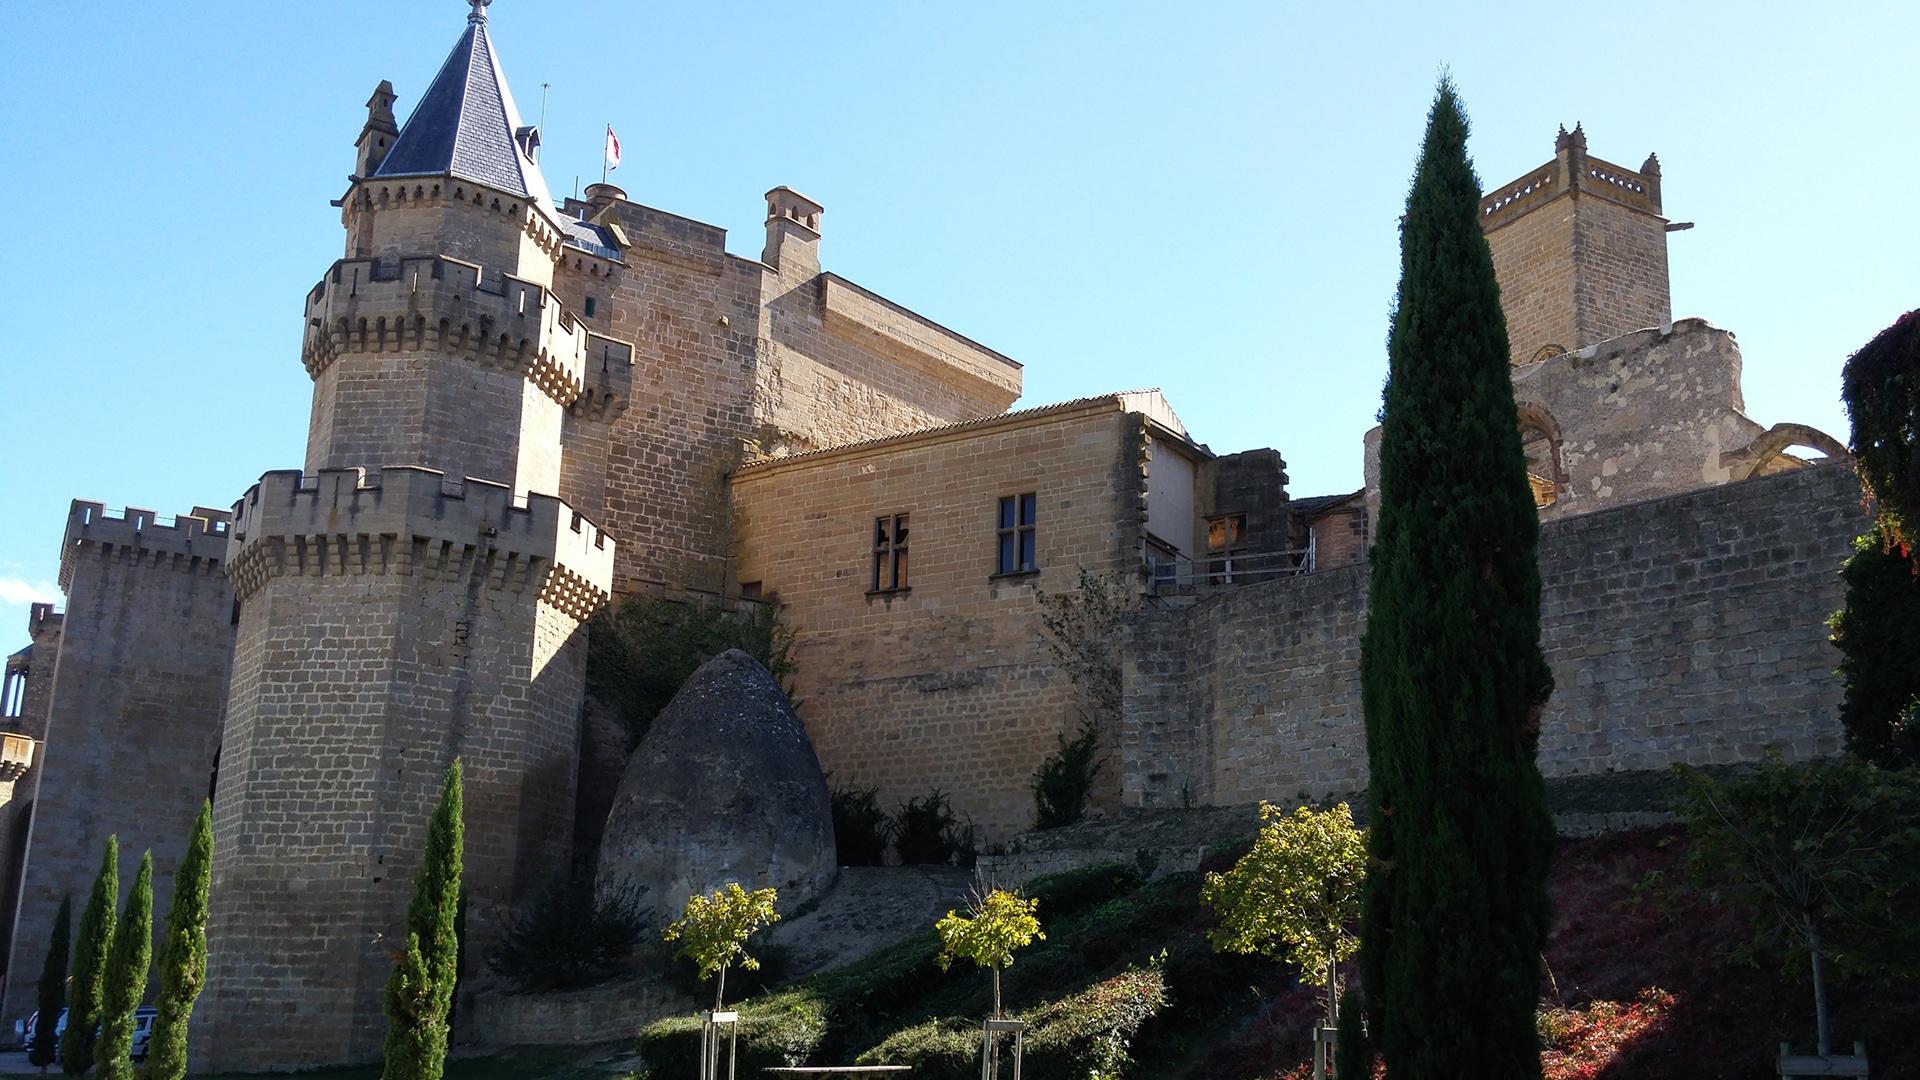 Castles_SpainInside_olite2